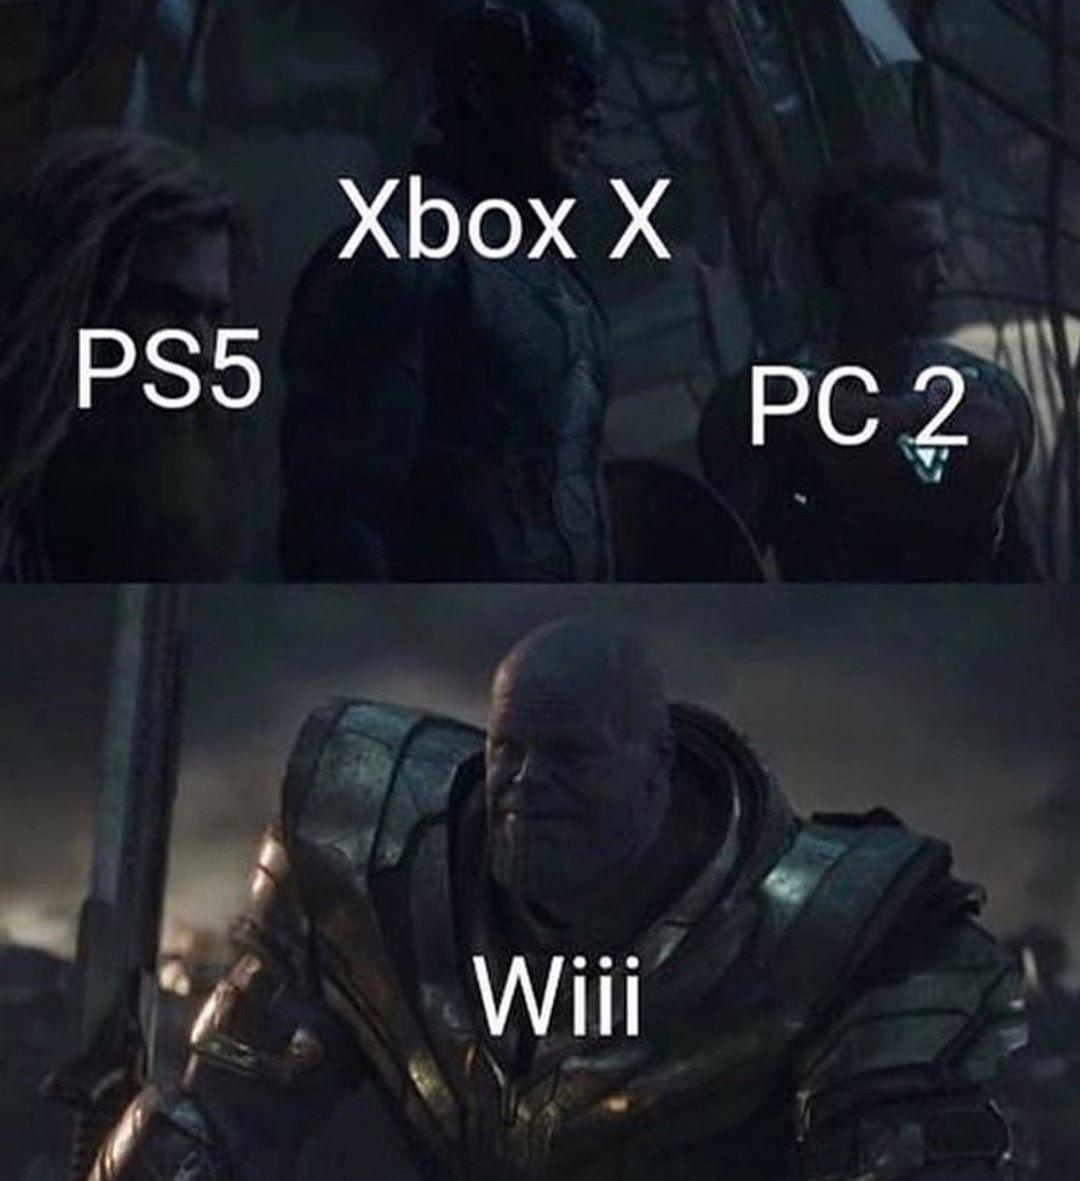 Wiiiii - meme